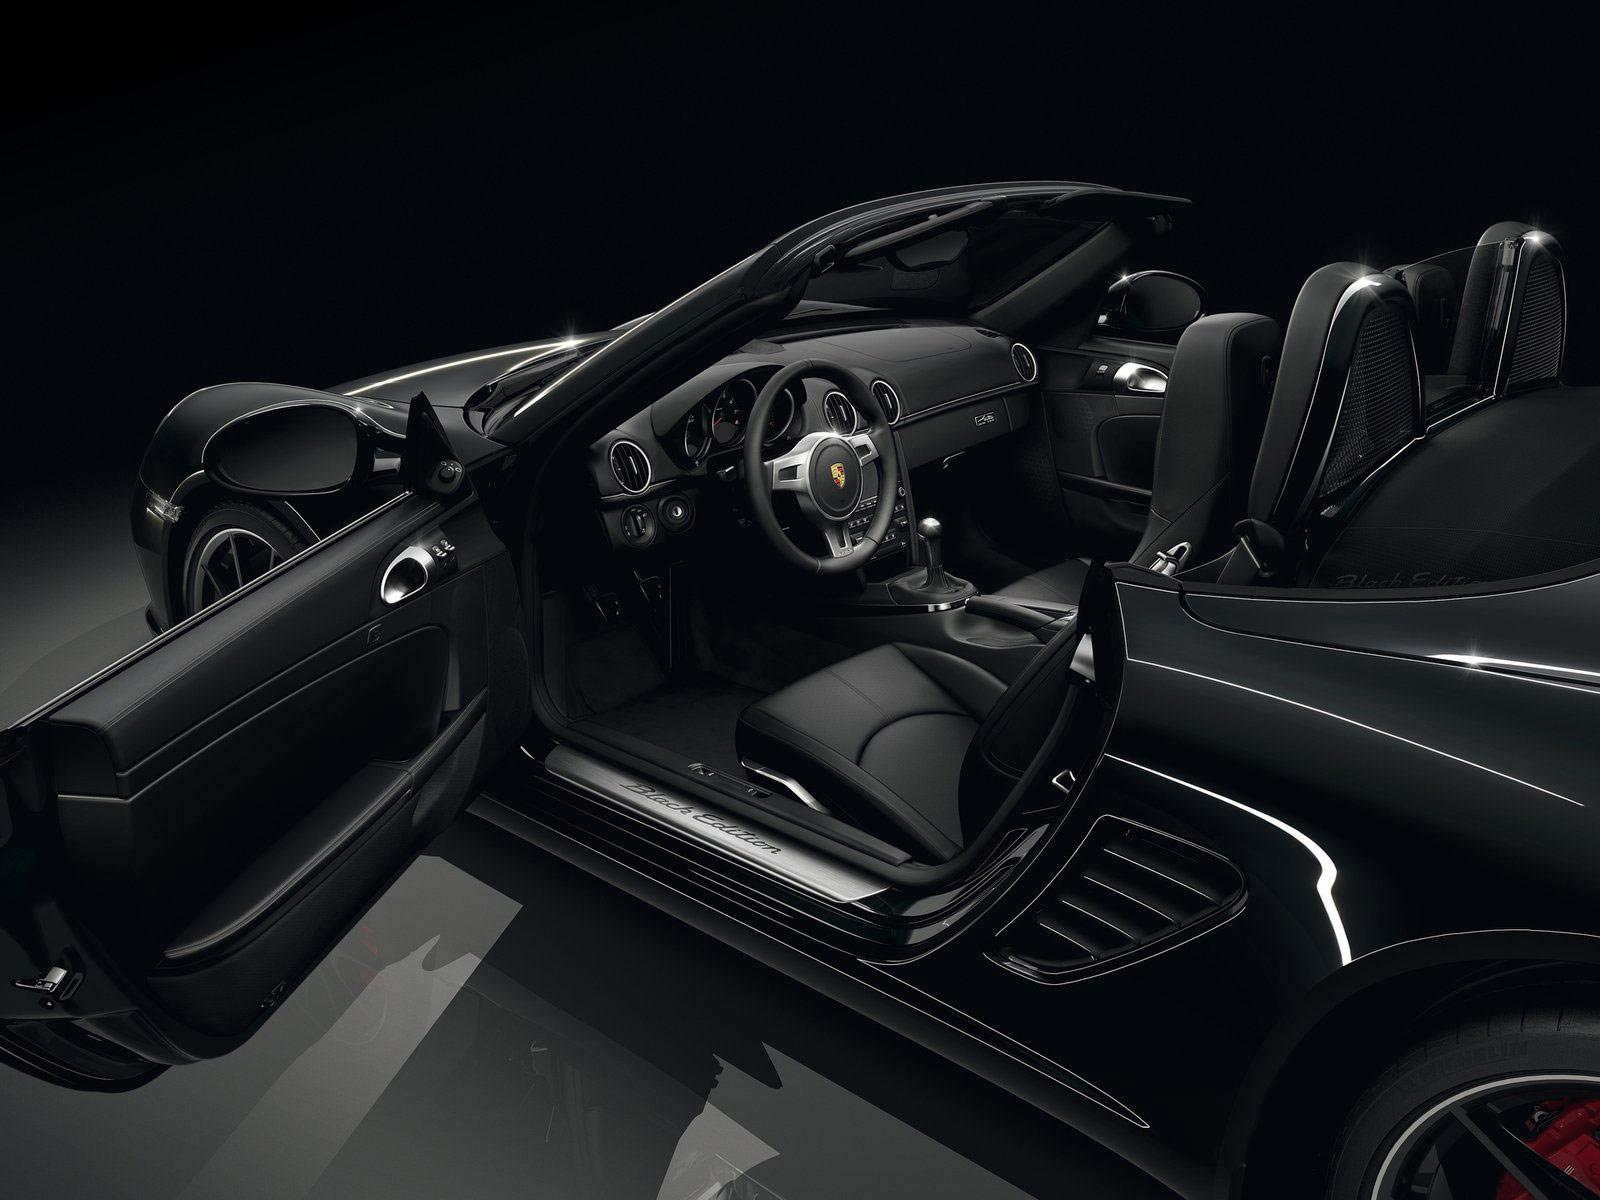 http://3.bp.blogspot.com/-1gEEiLgxcLQ/TifkeyrOLAI/AAAAAAAAAOc/GN74_RLmwRI/s1600/2011_Porsche_+Boxster_S_Black_Edition_car-desktop-wallpaper_3.jpg